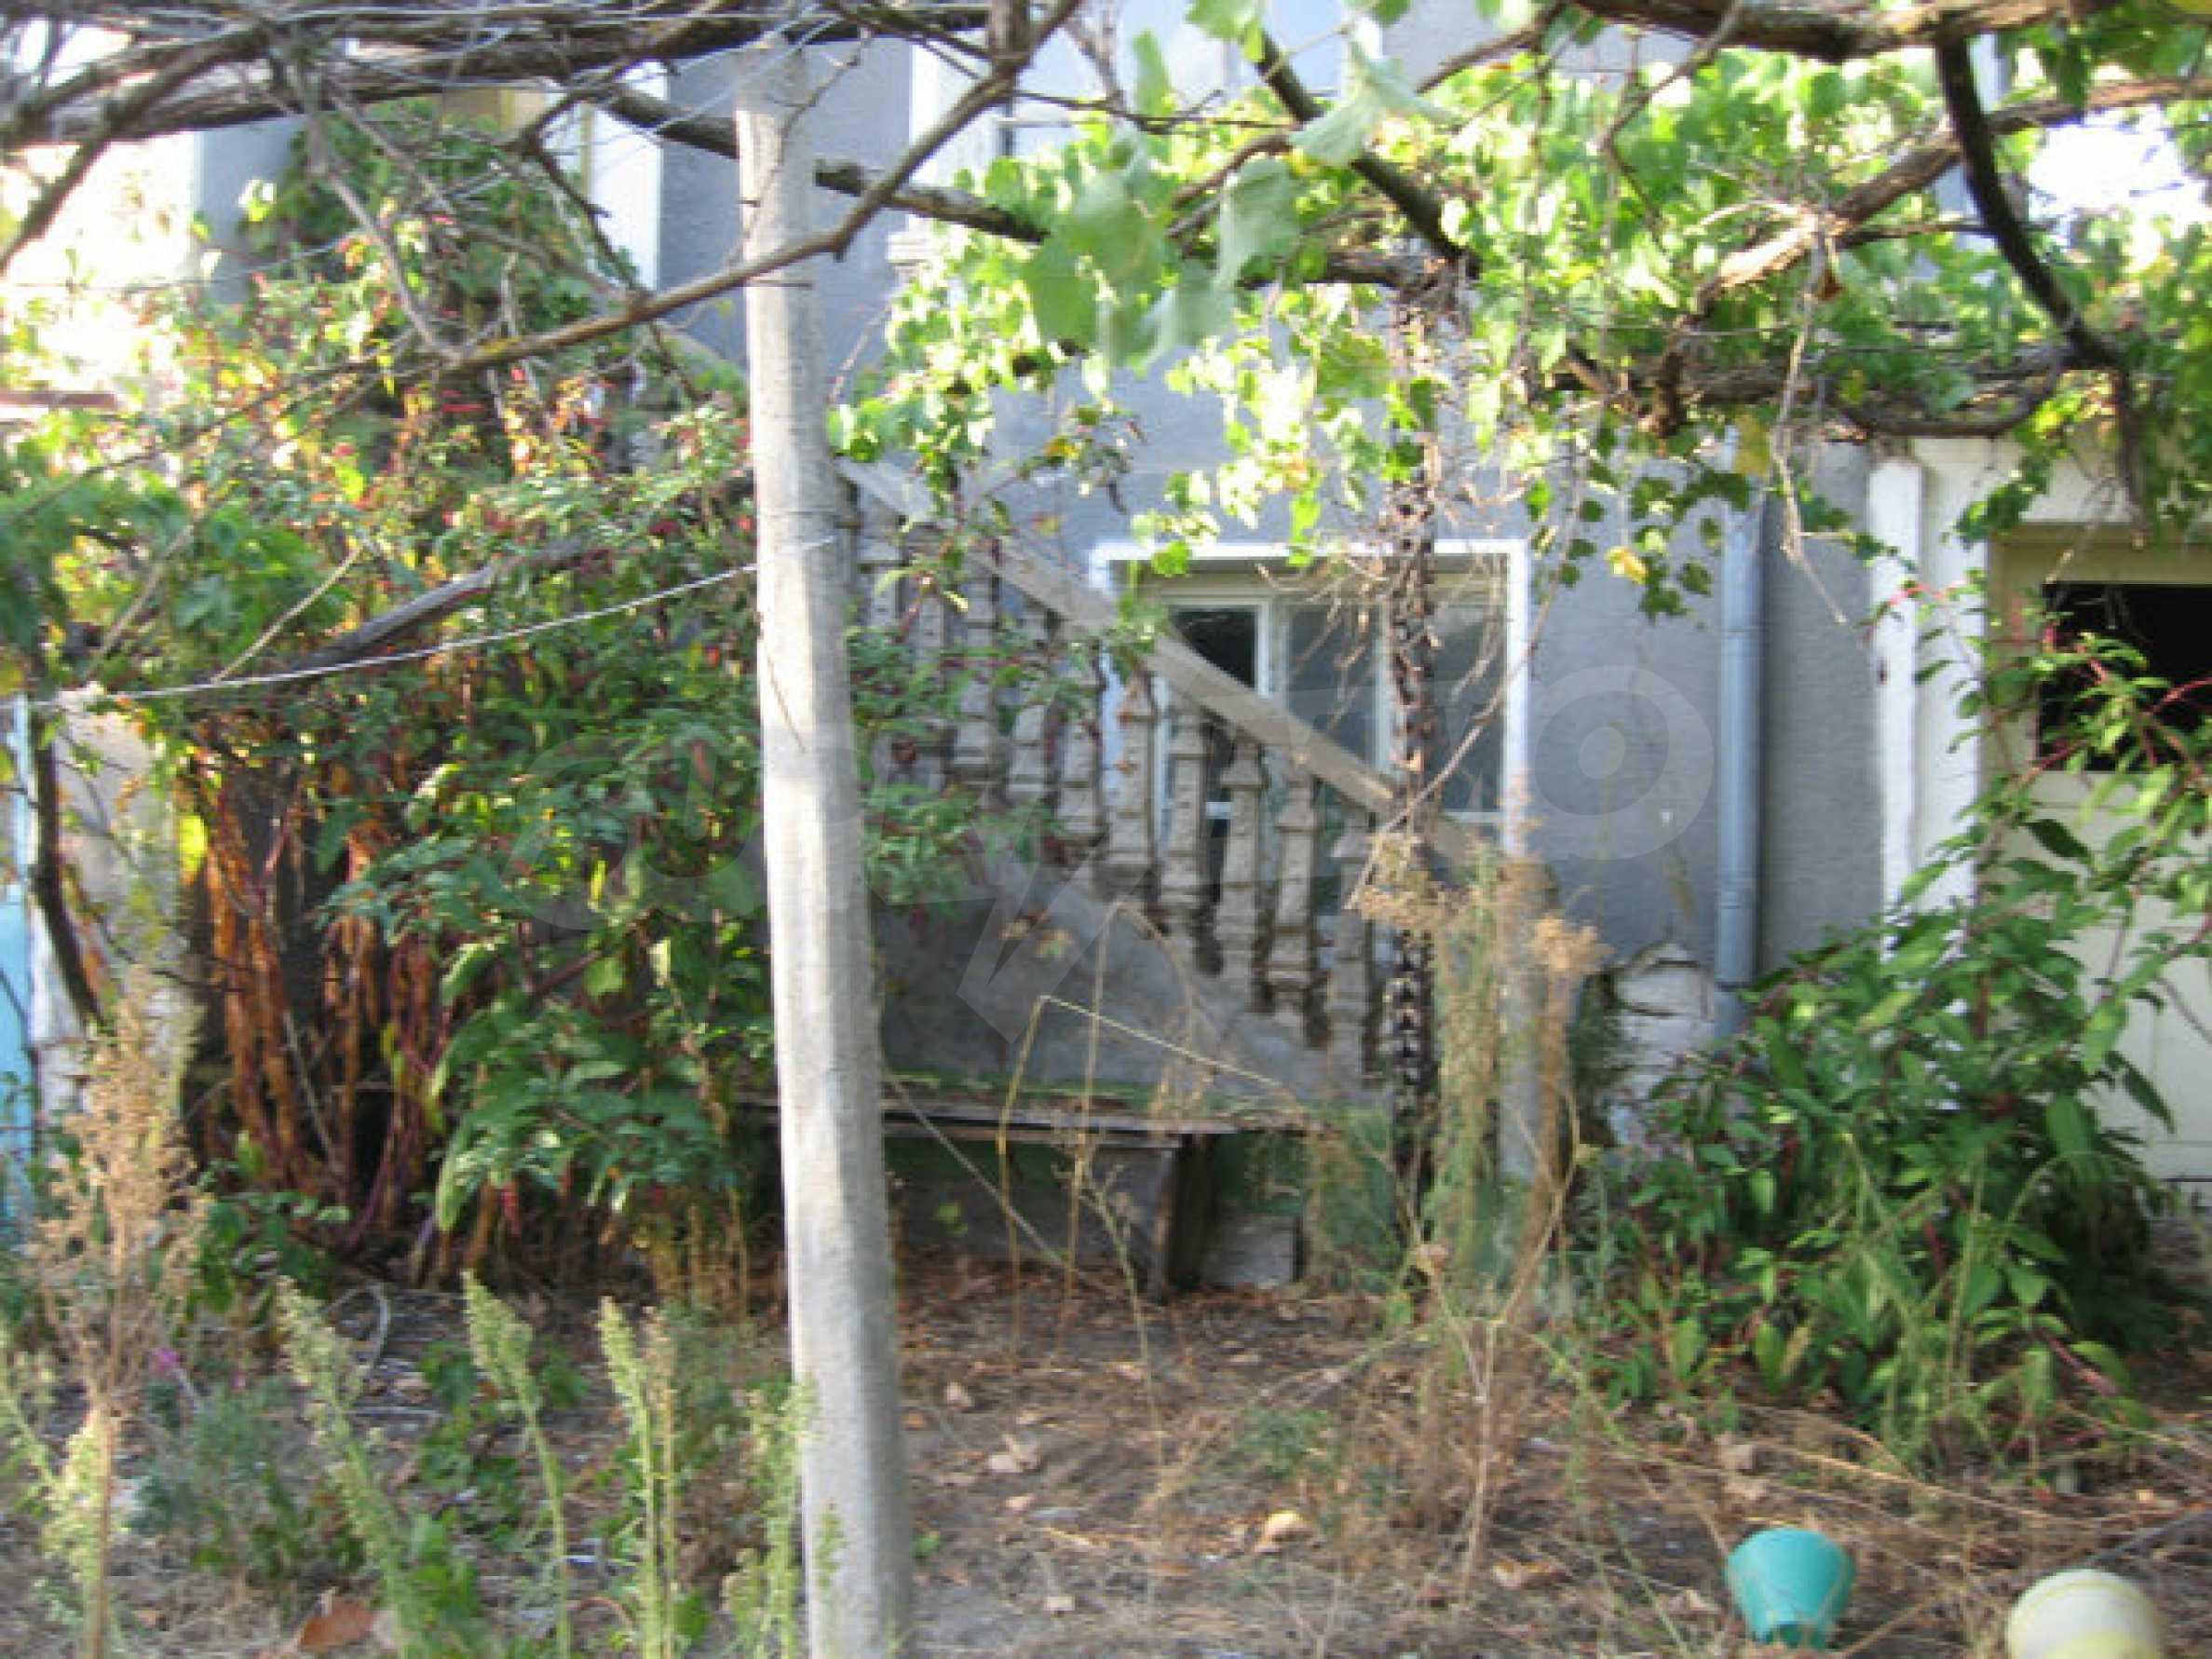 Sonniges zweistöckiges Haus in einem kleinen Dorf in der Nähe der Flüsse Tundzha und Elhovo 21